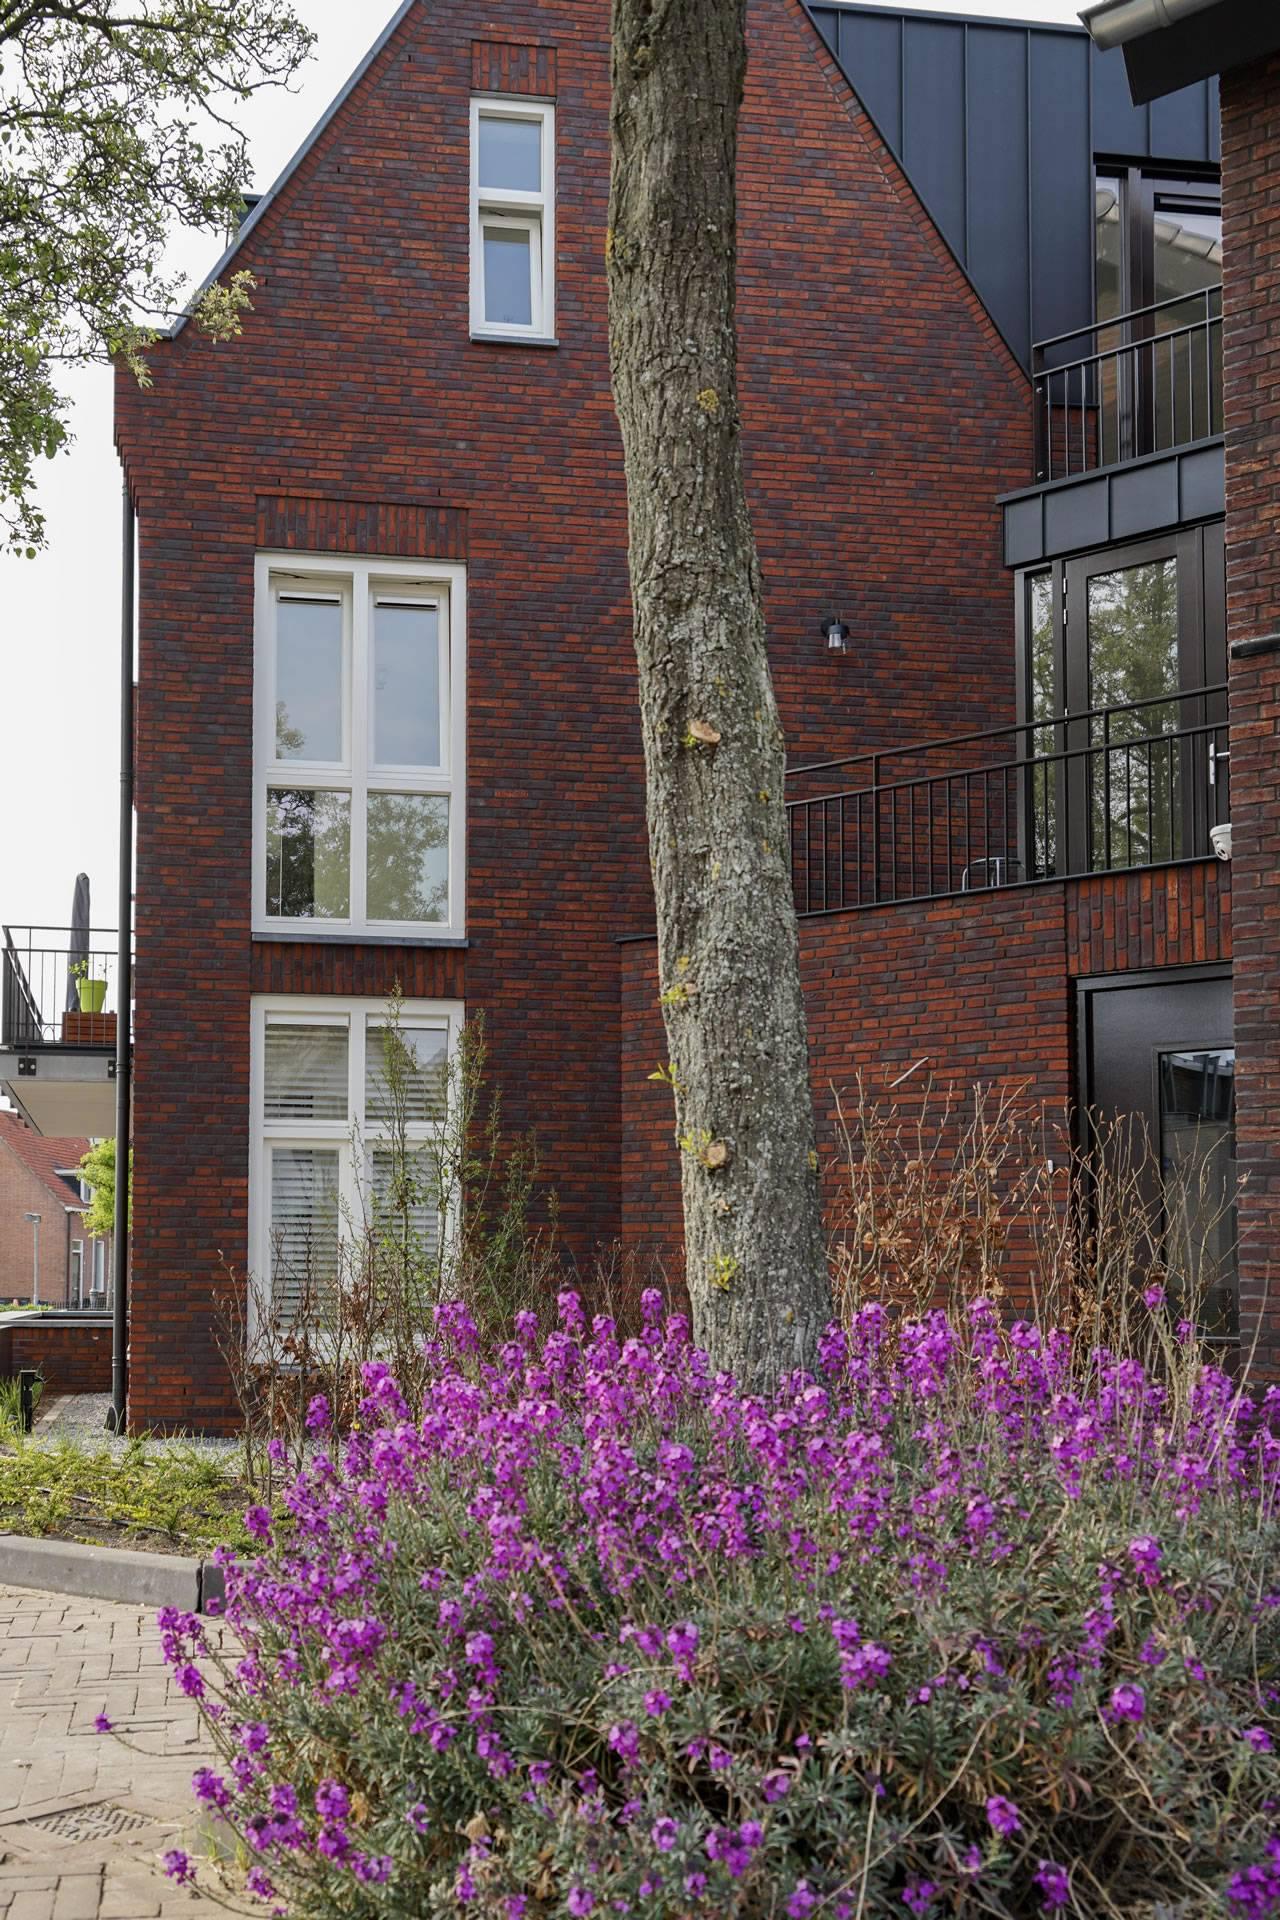 Verouden Bouwbedrijf - 6 luxe nieuwbouw appartementen - 08 - DSC05041